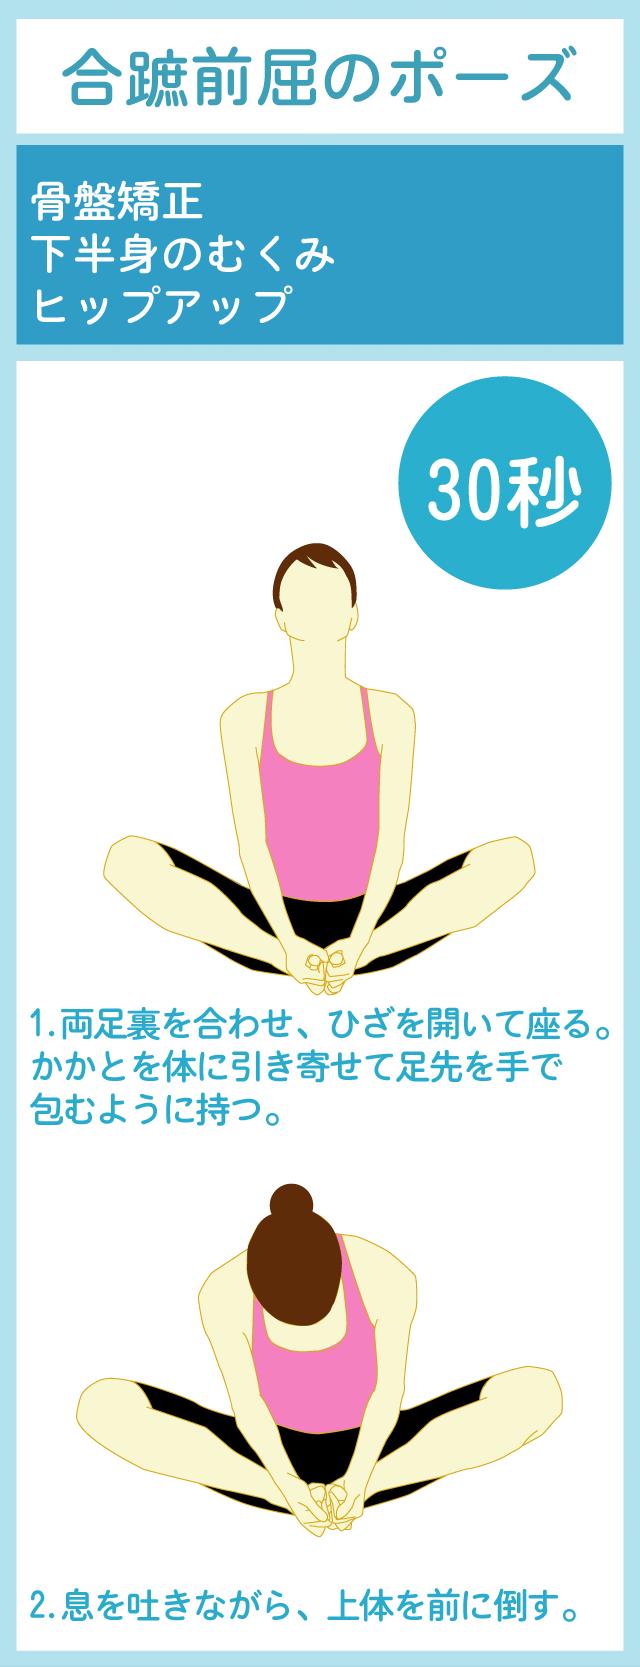 股関節痛の緩和に役立つヨガ